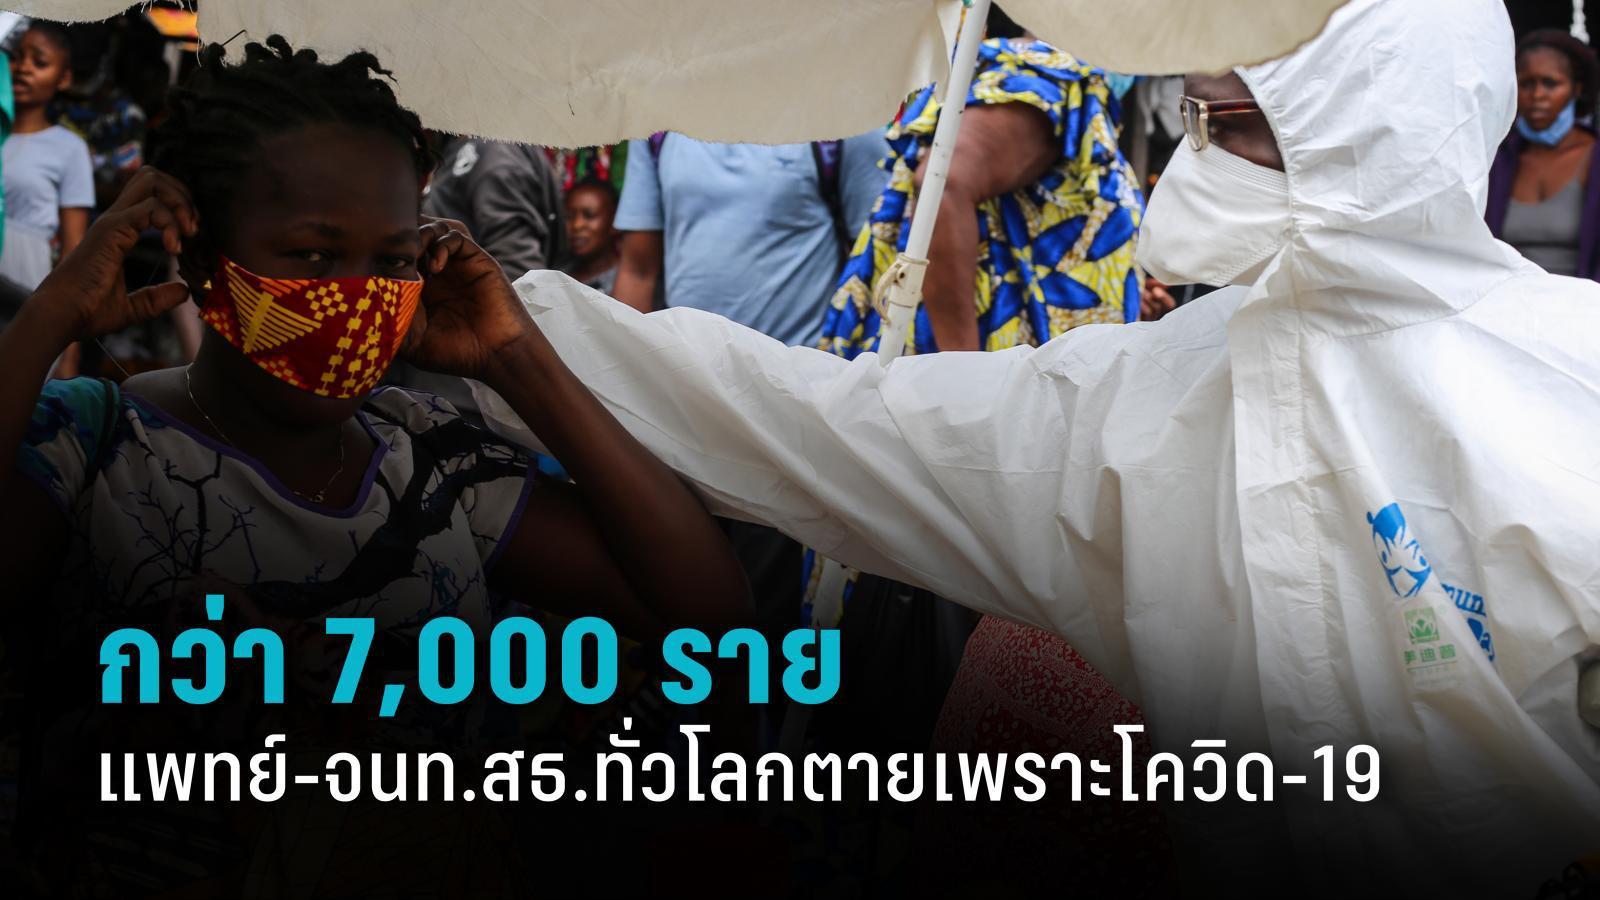 หมอ พยาบาล - จนท.สาธารณสุขทั่วโลก เสียชีวิตเพราะโควิด-19 แล้ว กว่า 7,000 ราย